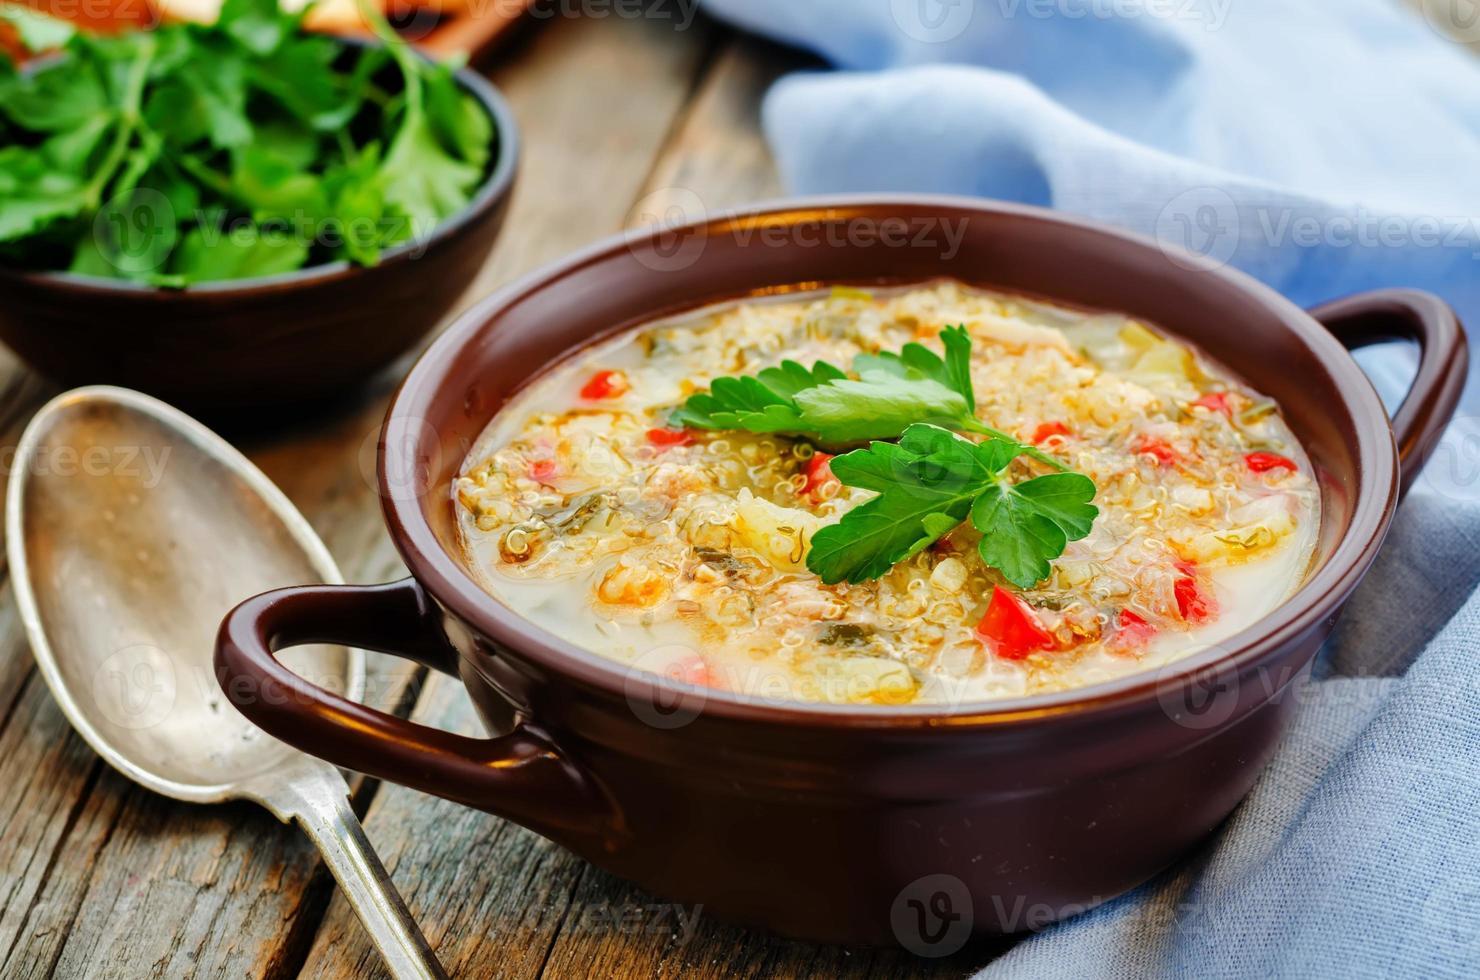 sopa de leite com batatas, quinoa e pimentão foto